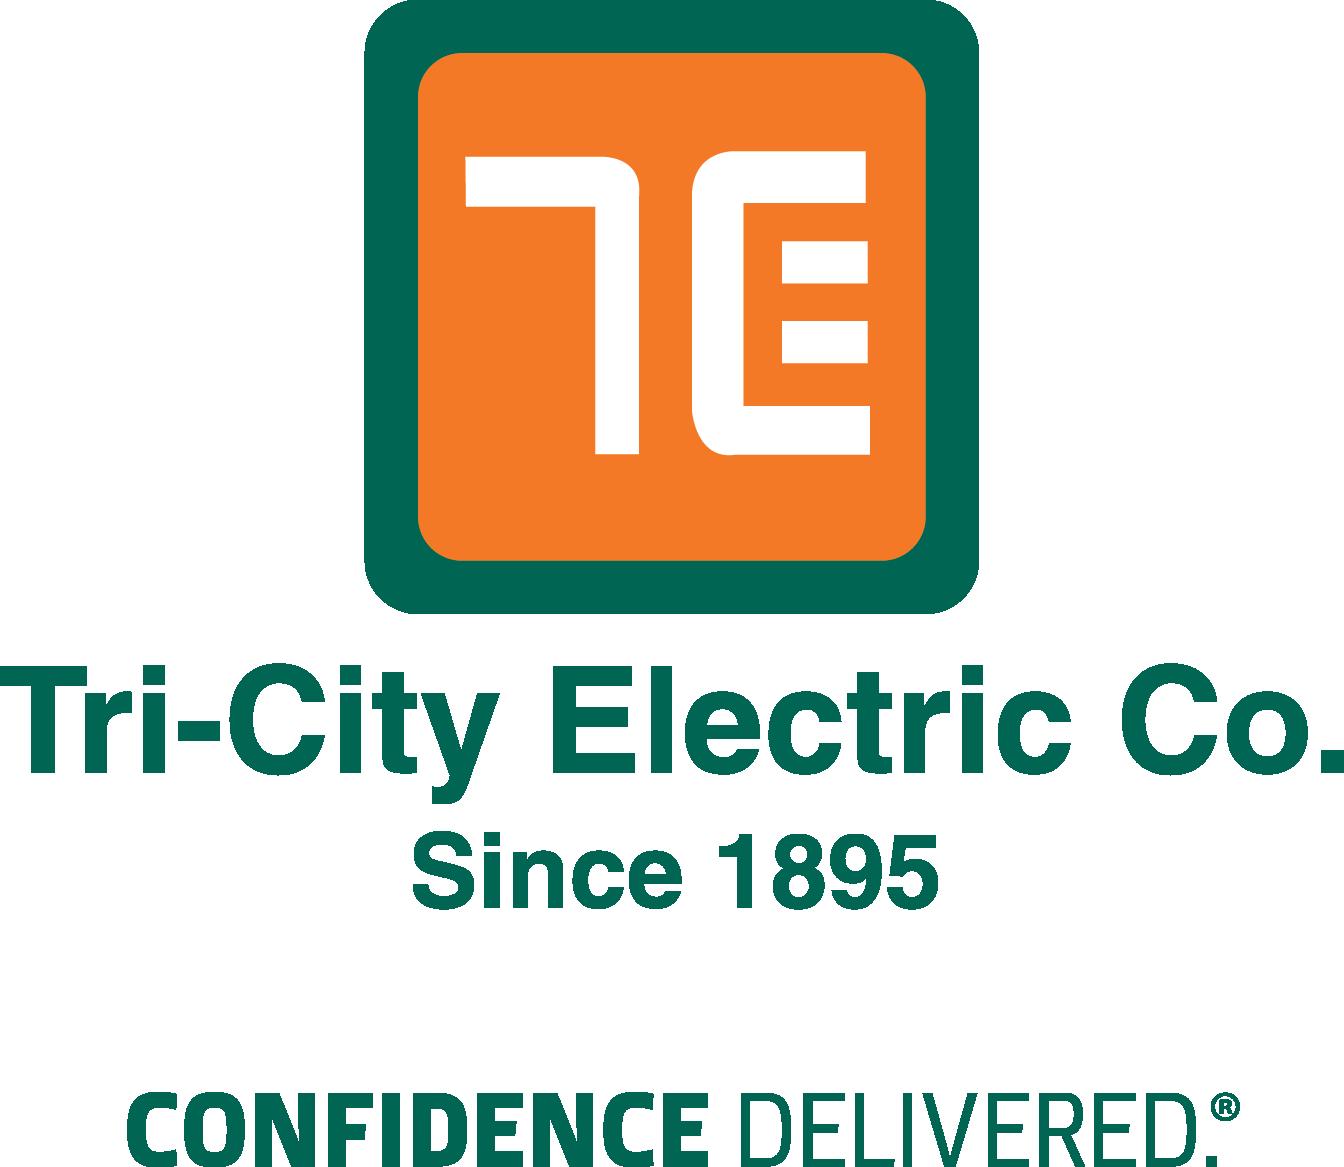 Tri-City Electric Co. logo